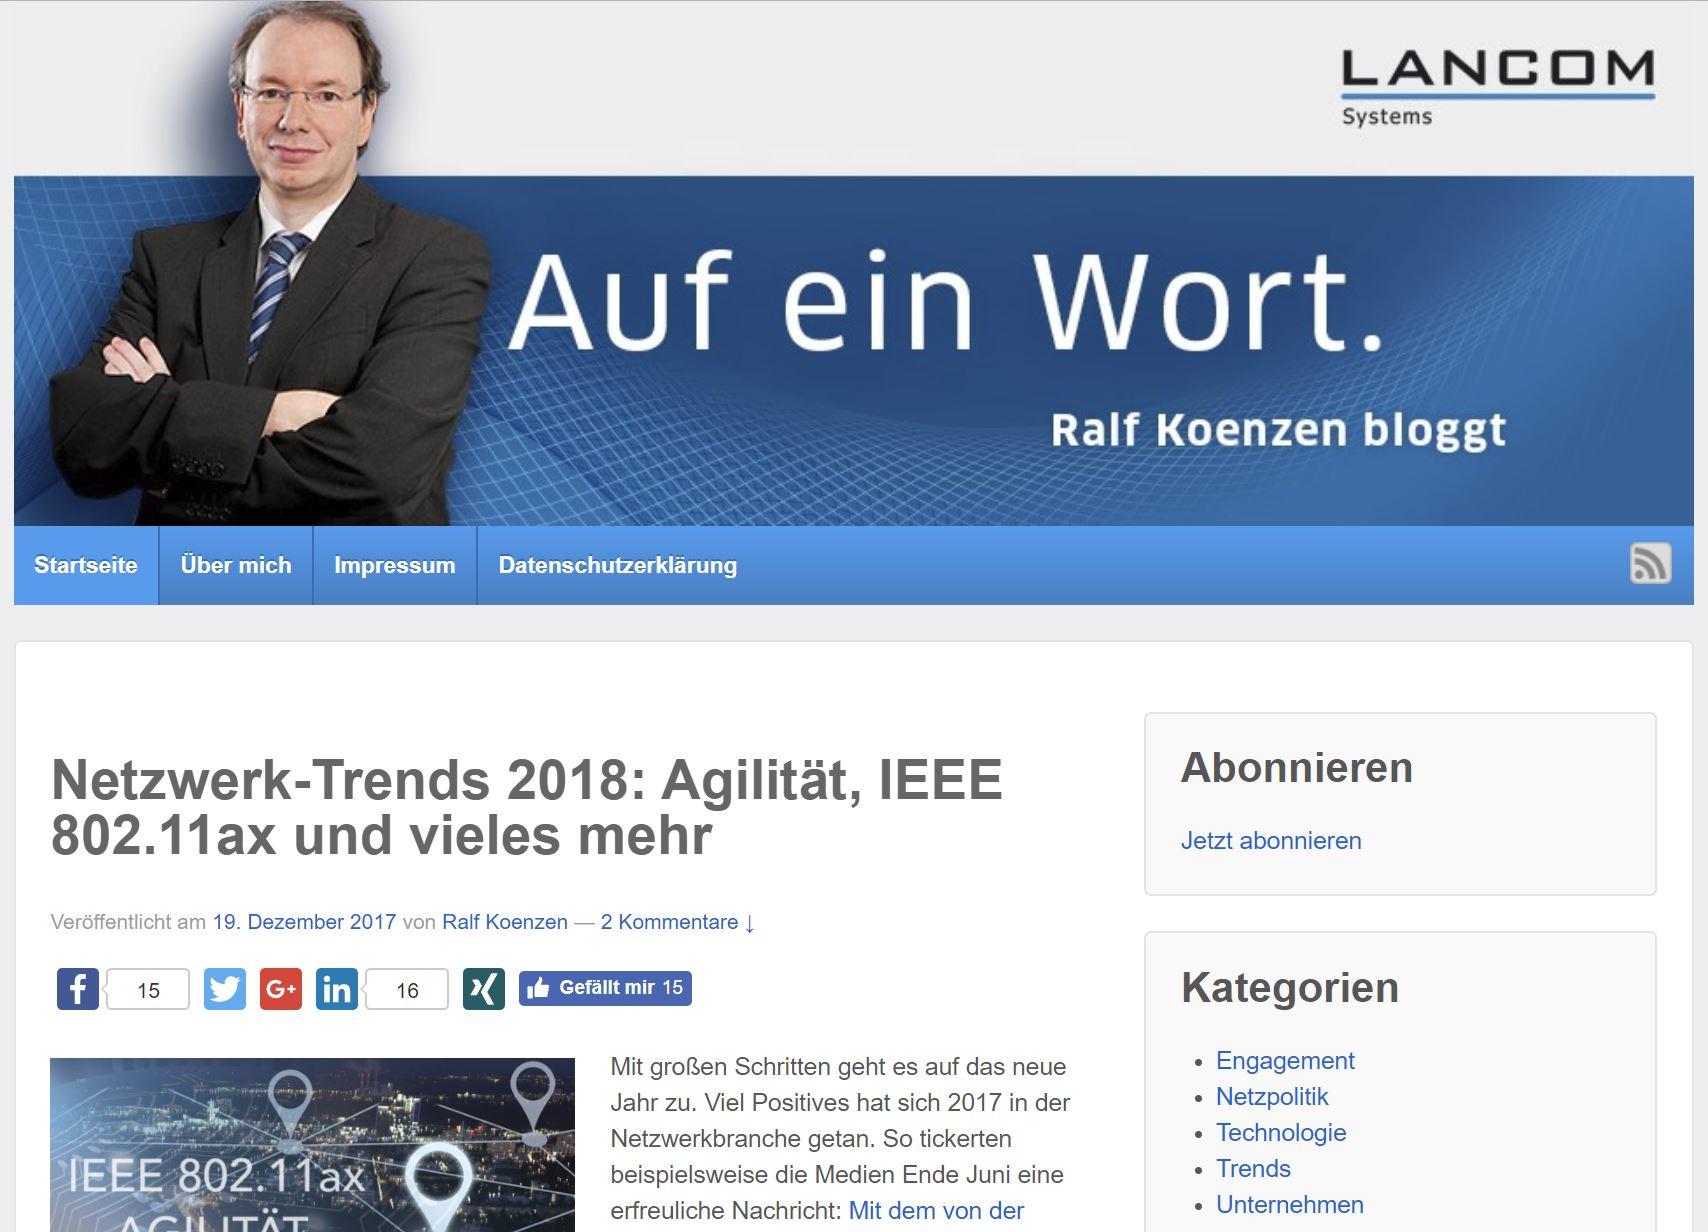 Corporate Blog Koenzen bloggt